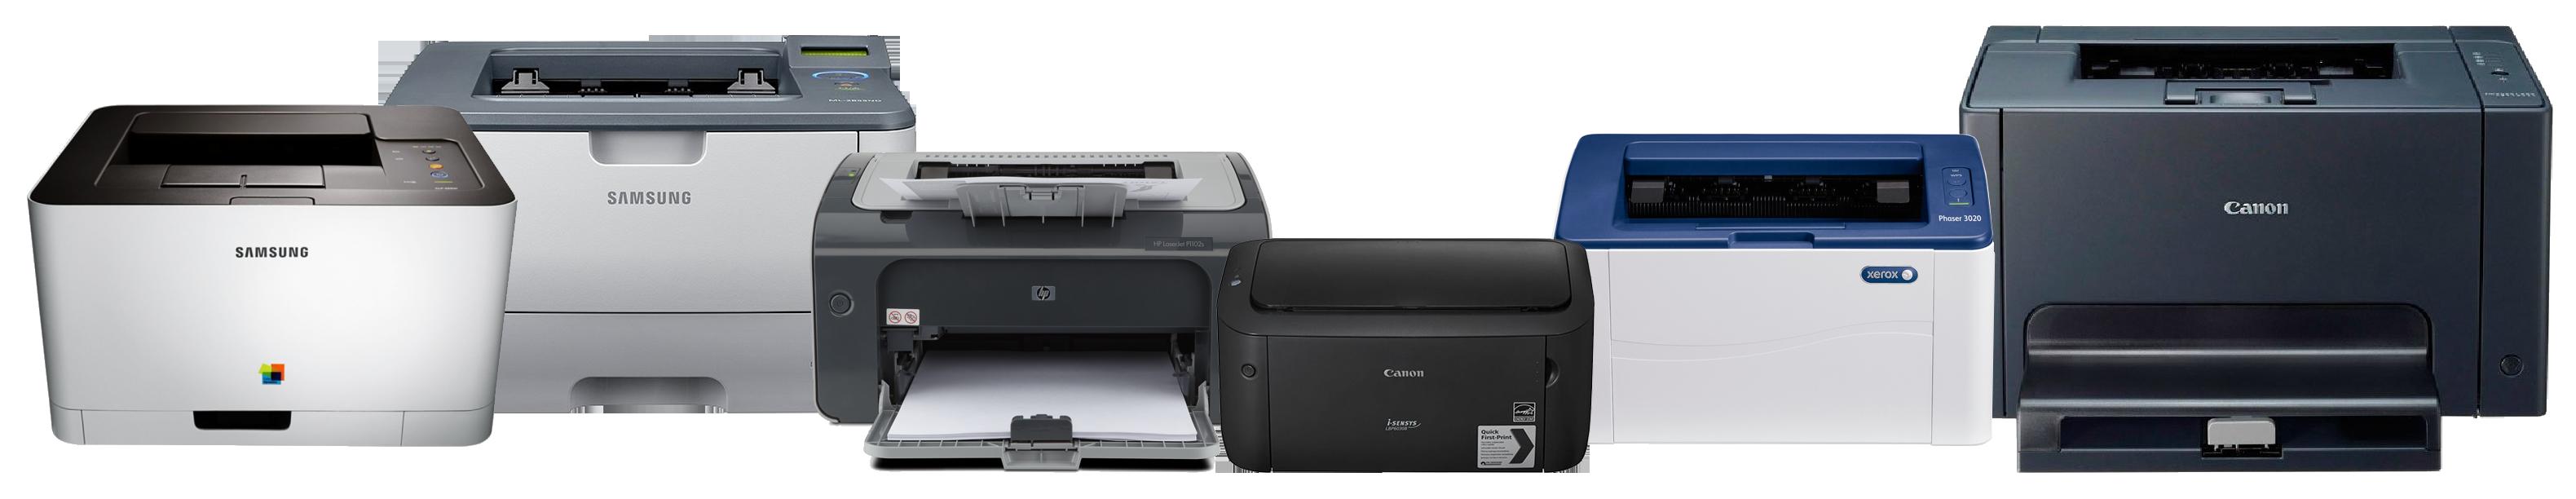 Обслуживание принтеров и копировальной техники